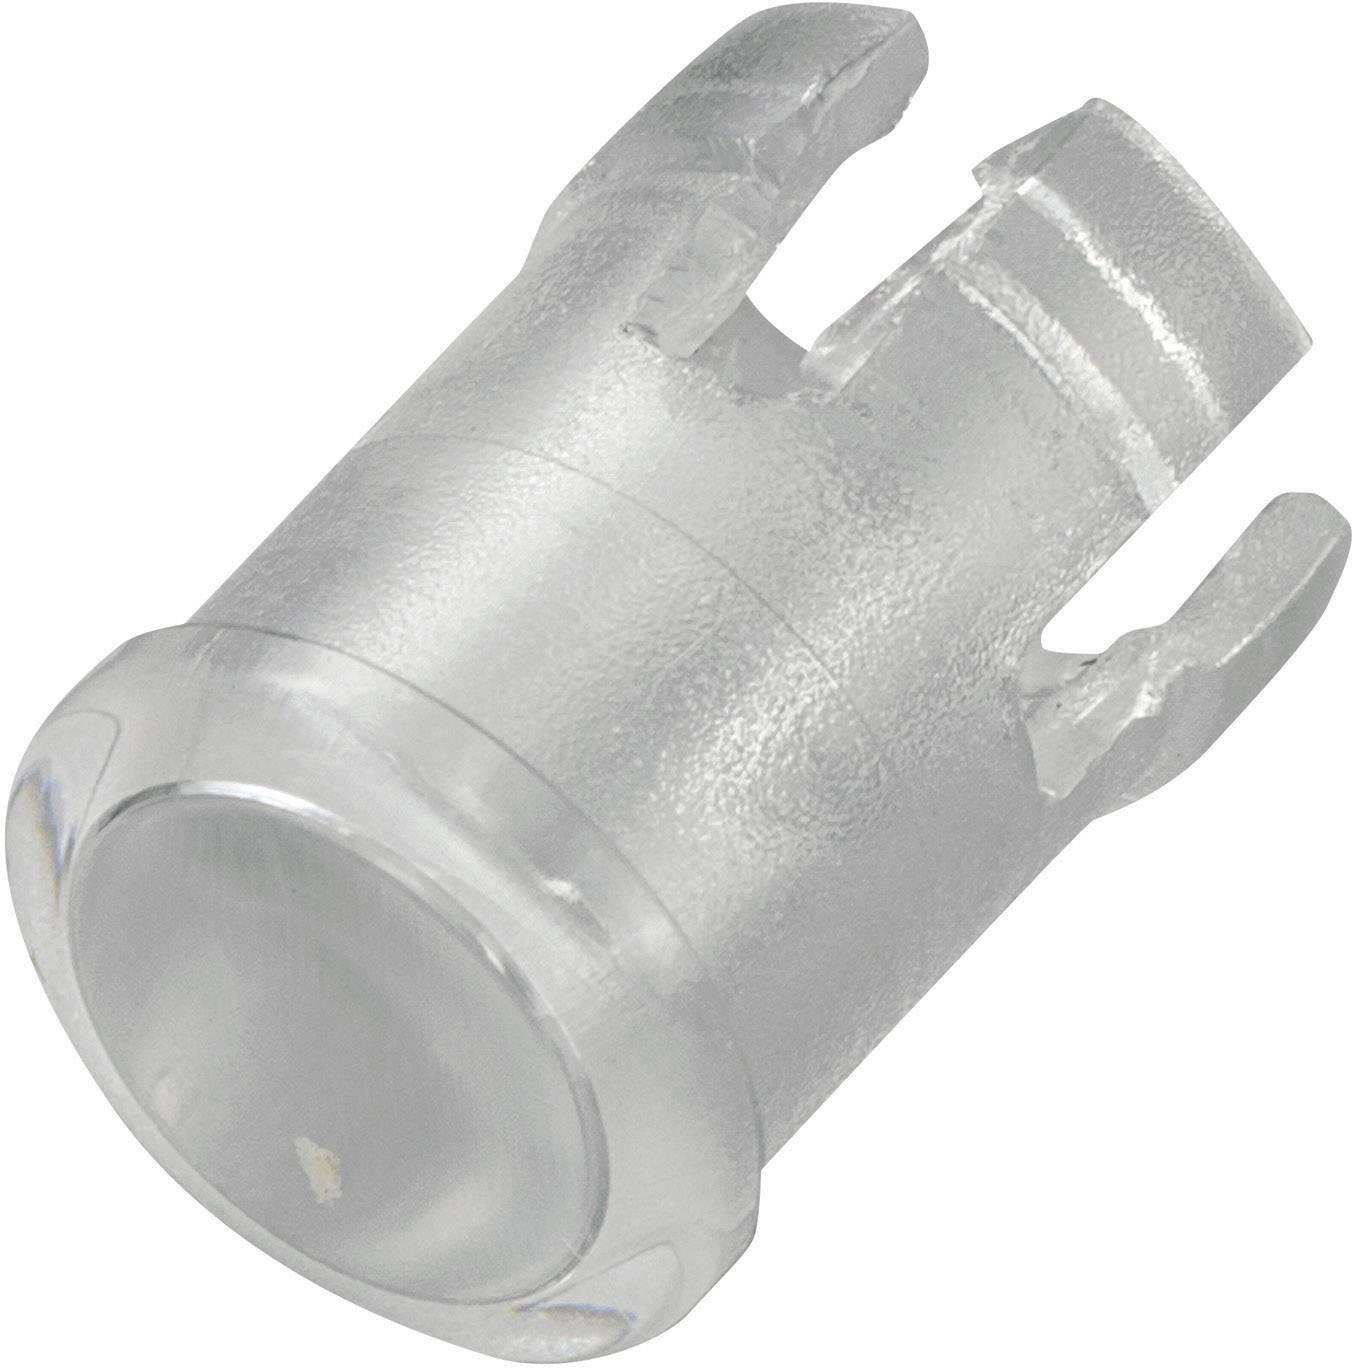 Krytka světla TRU COMPONENTS TC-EDK-03-PCW transparentní, vhodný pro LED 5 mm